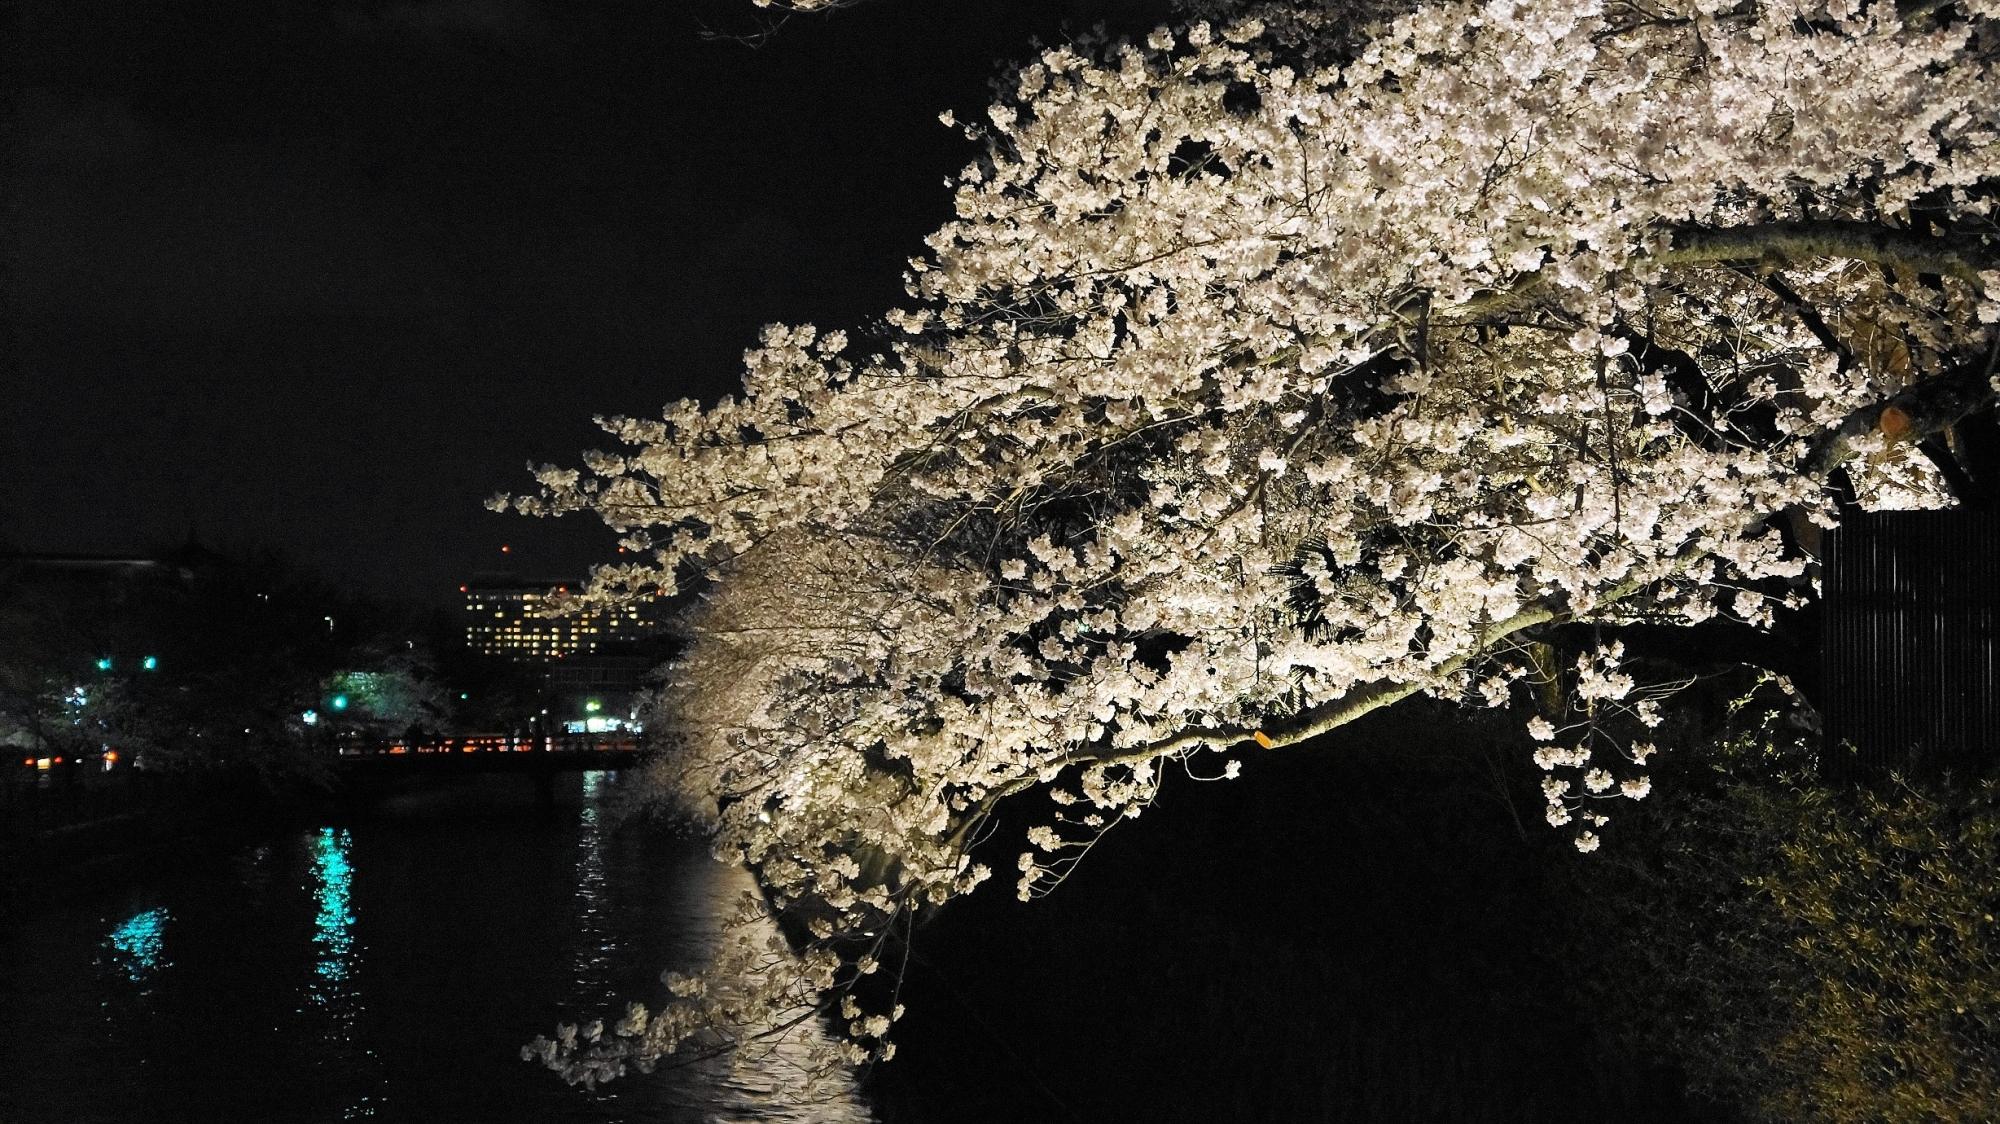 満開の夜桜につつまれた京都岡崎疏水のライトアップ